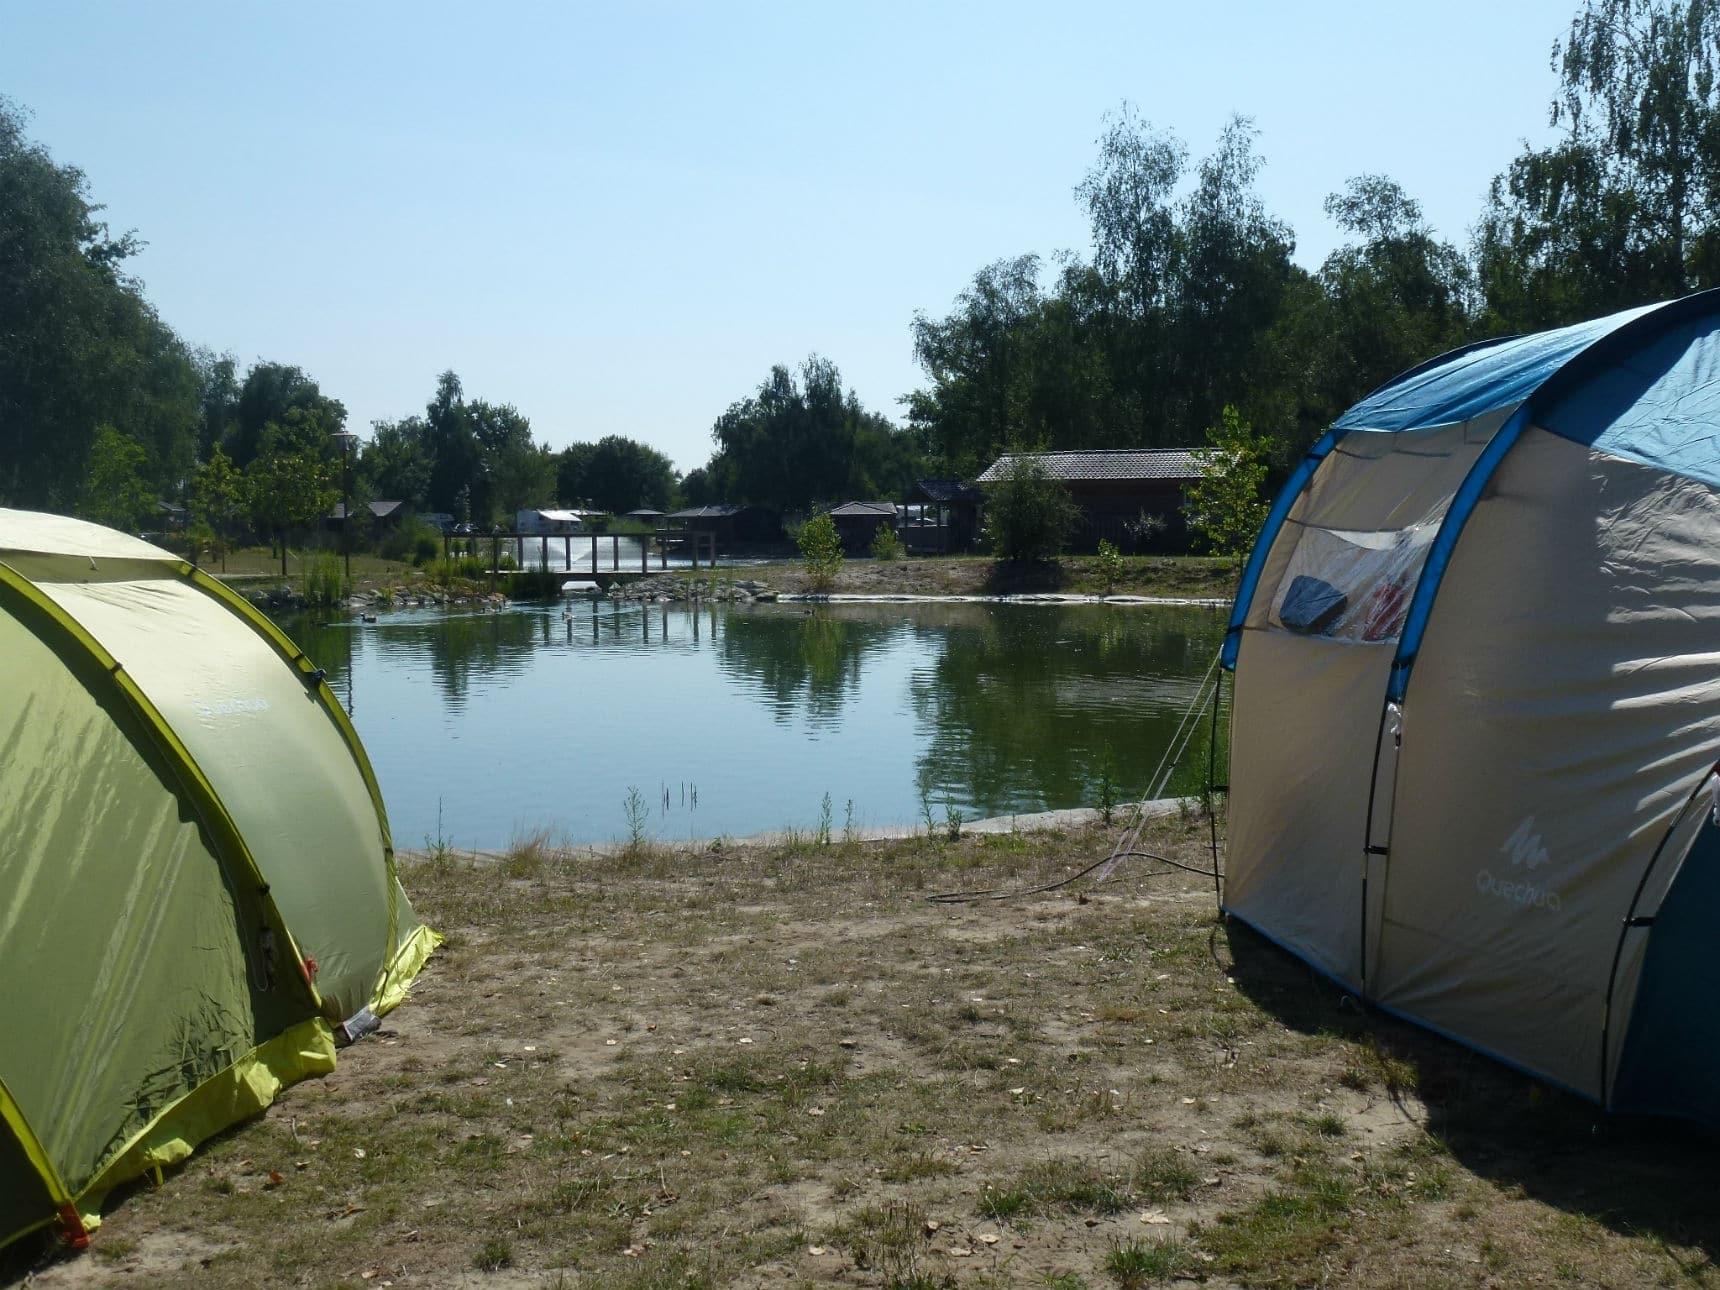 le camping urbain gagne du terrain bordeaux rue89 bordeaux. Black Bedroom Furniture Sets. Home Design Ideas